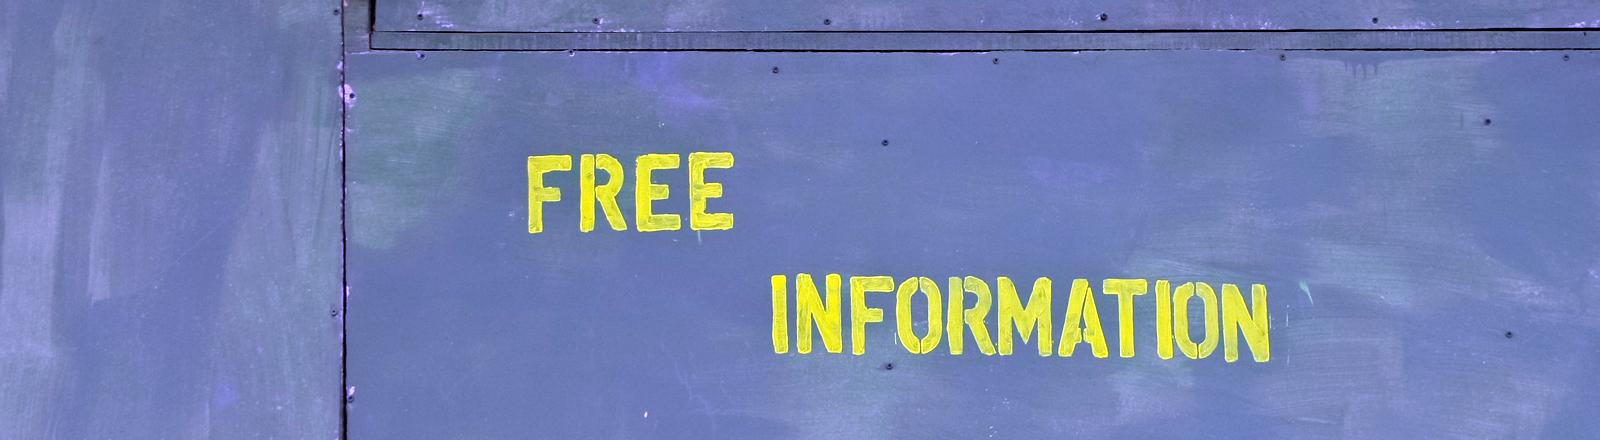 """Auf einer Metalltür ist das Wort """"Free Information"""" gepinselt"""